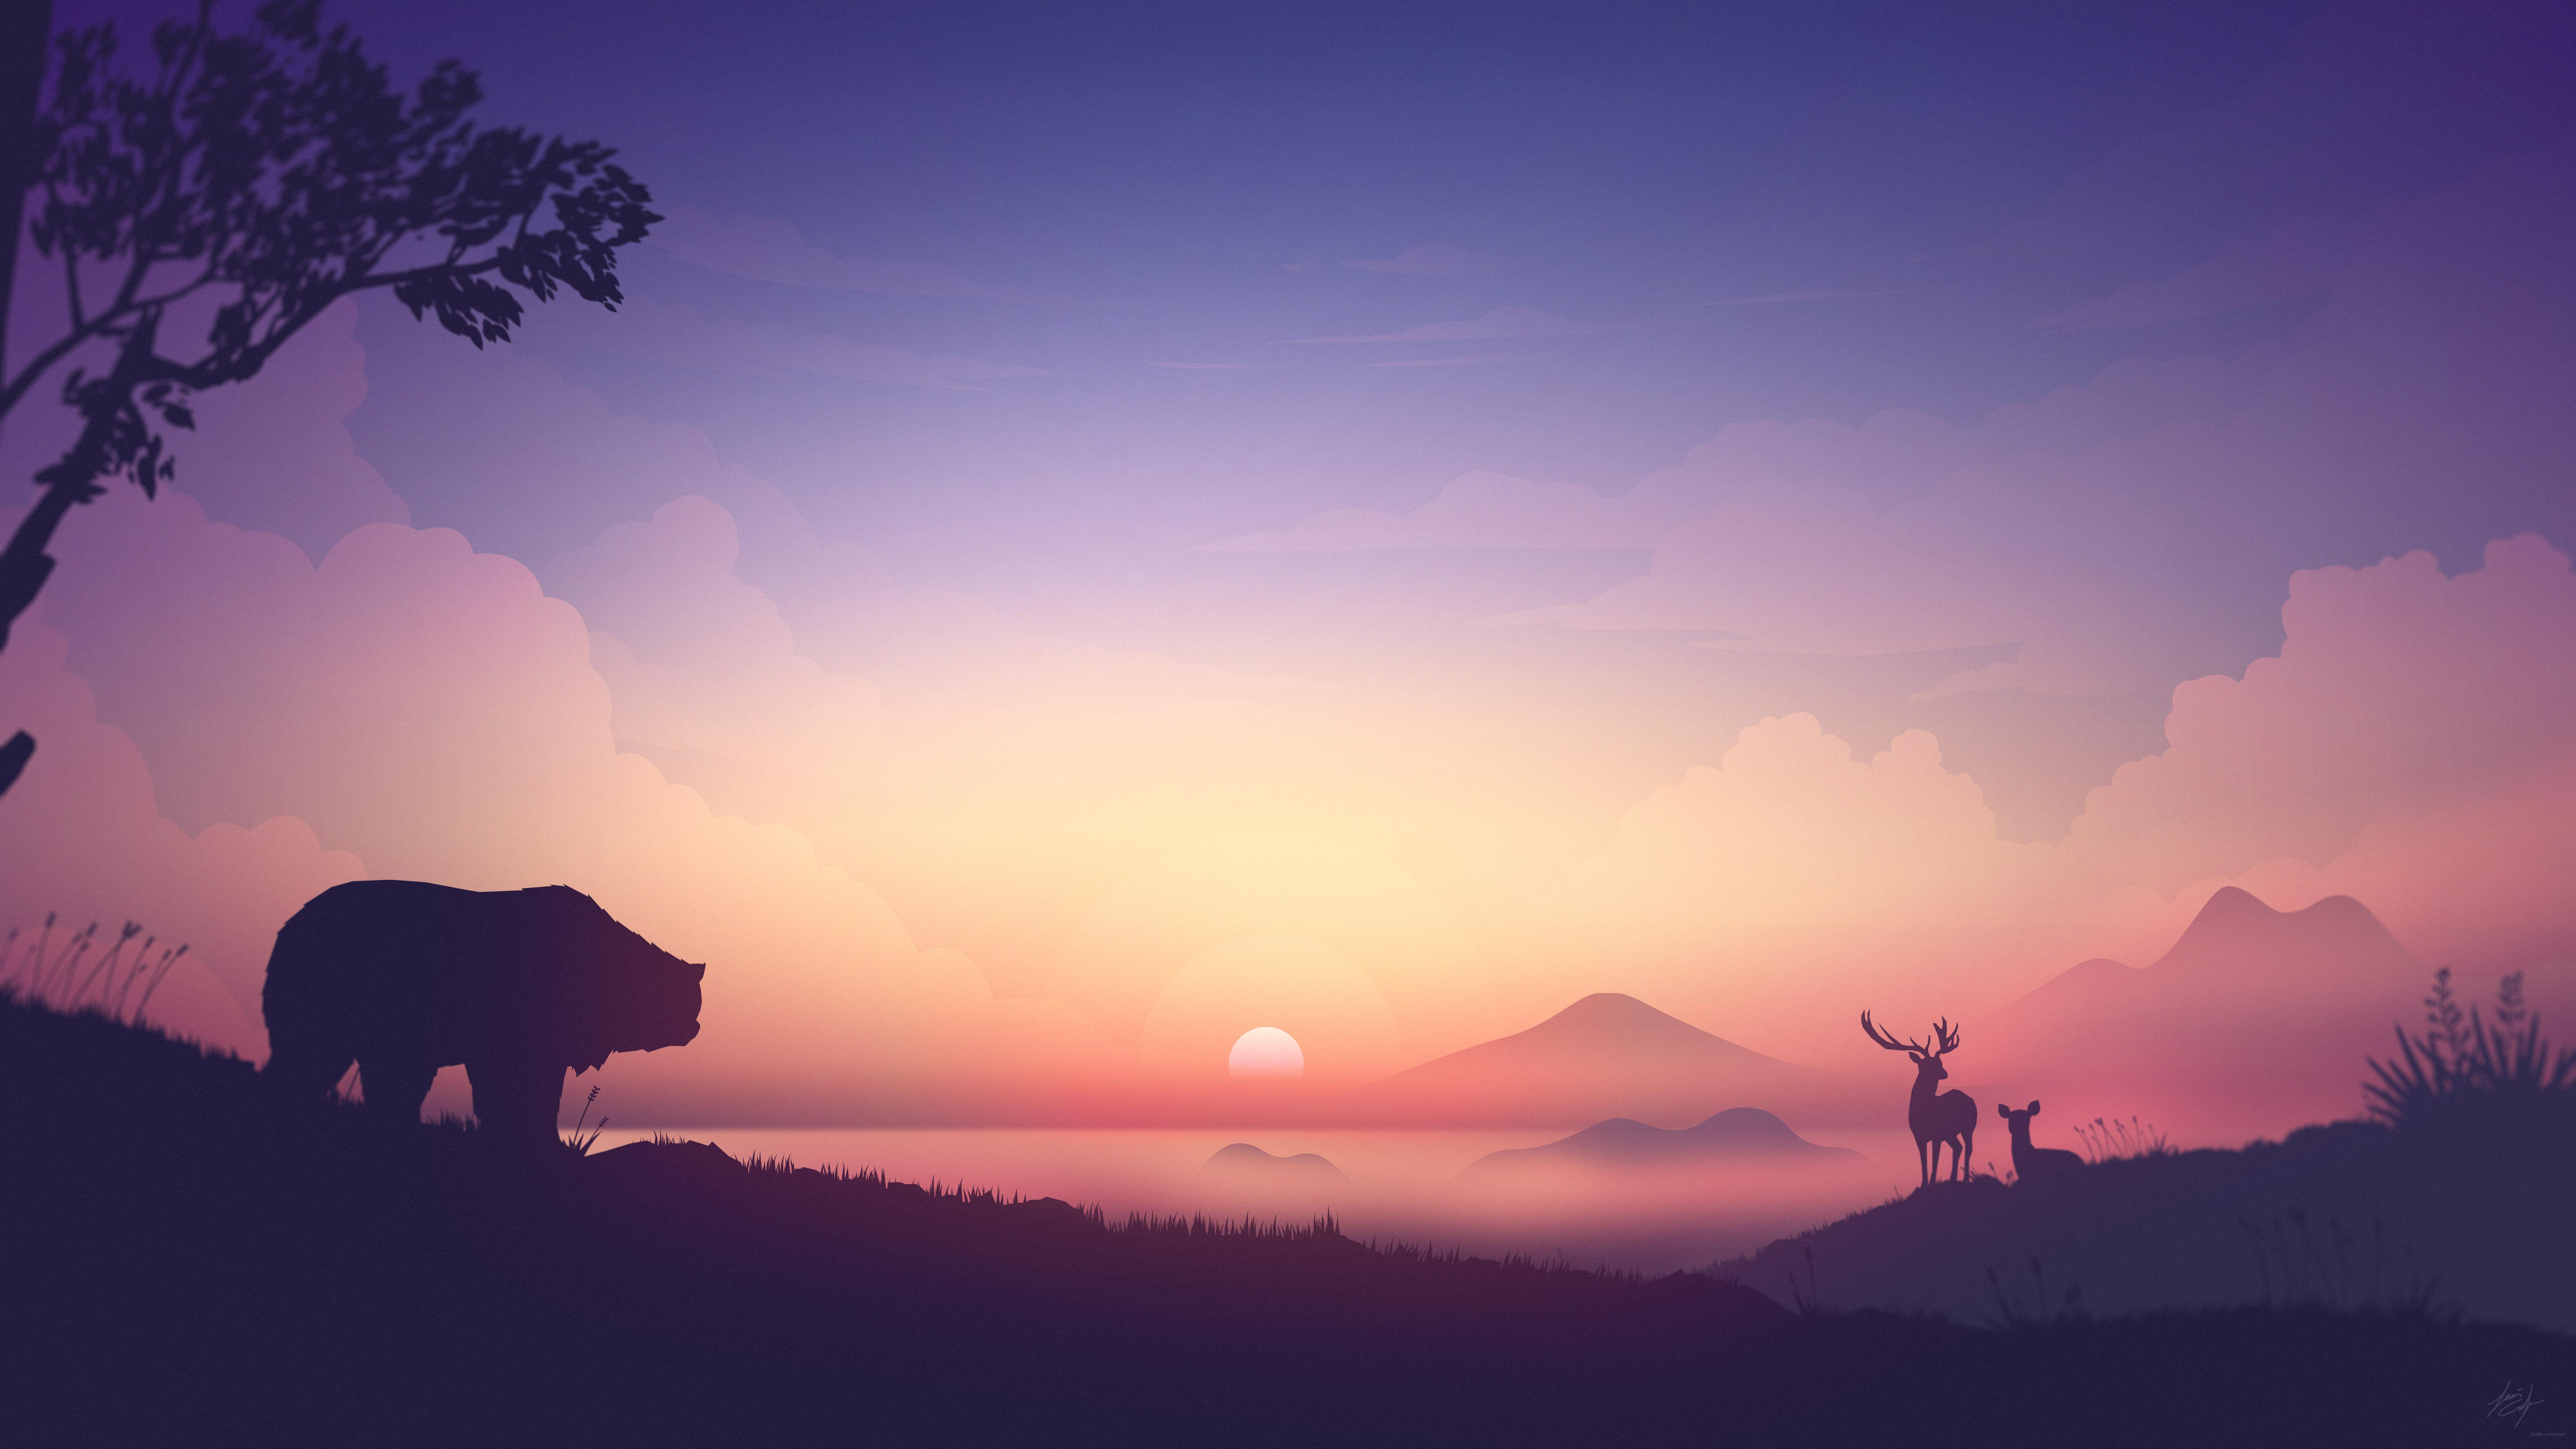 Misty Deer 4k Hd Desktop Wallpaper For 4k Ultra Hd Tv: Bear Deer Mountains Sunrise Minimalism Artwork 8k, HD